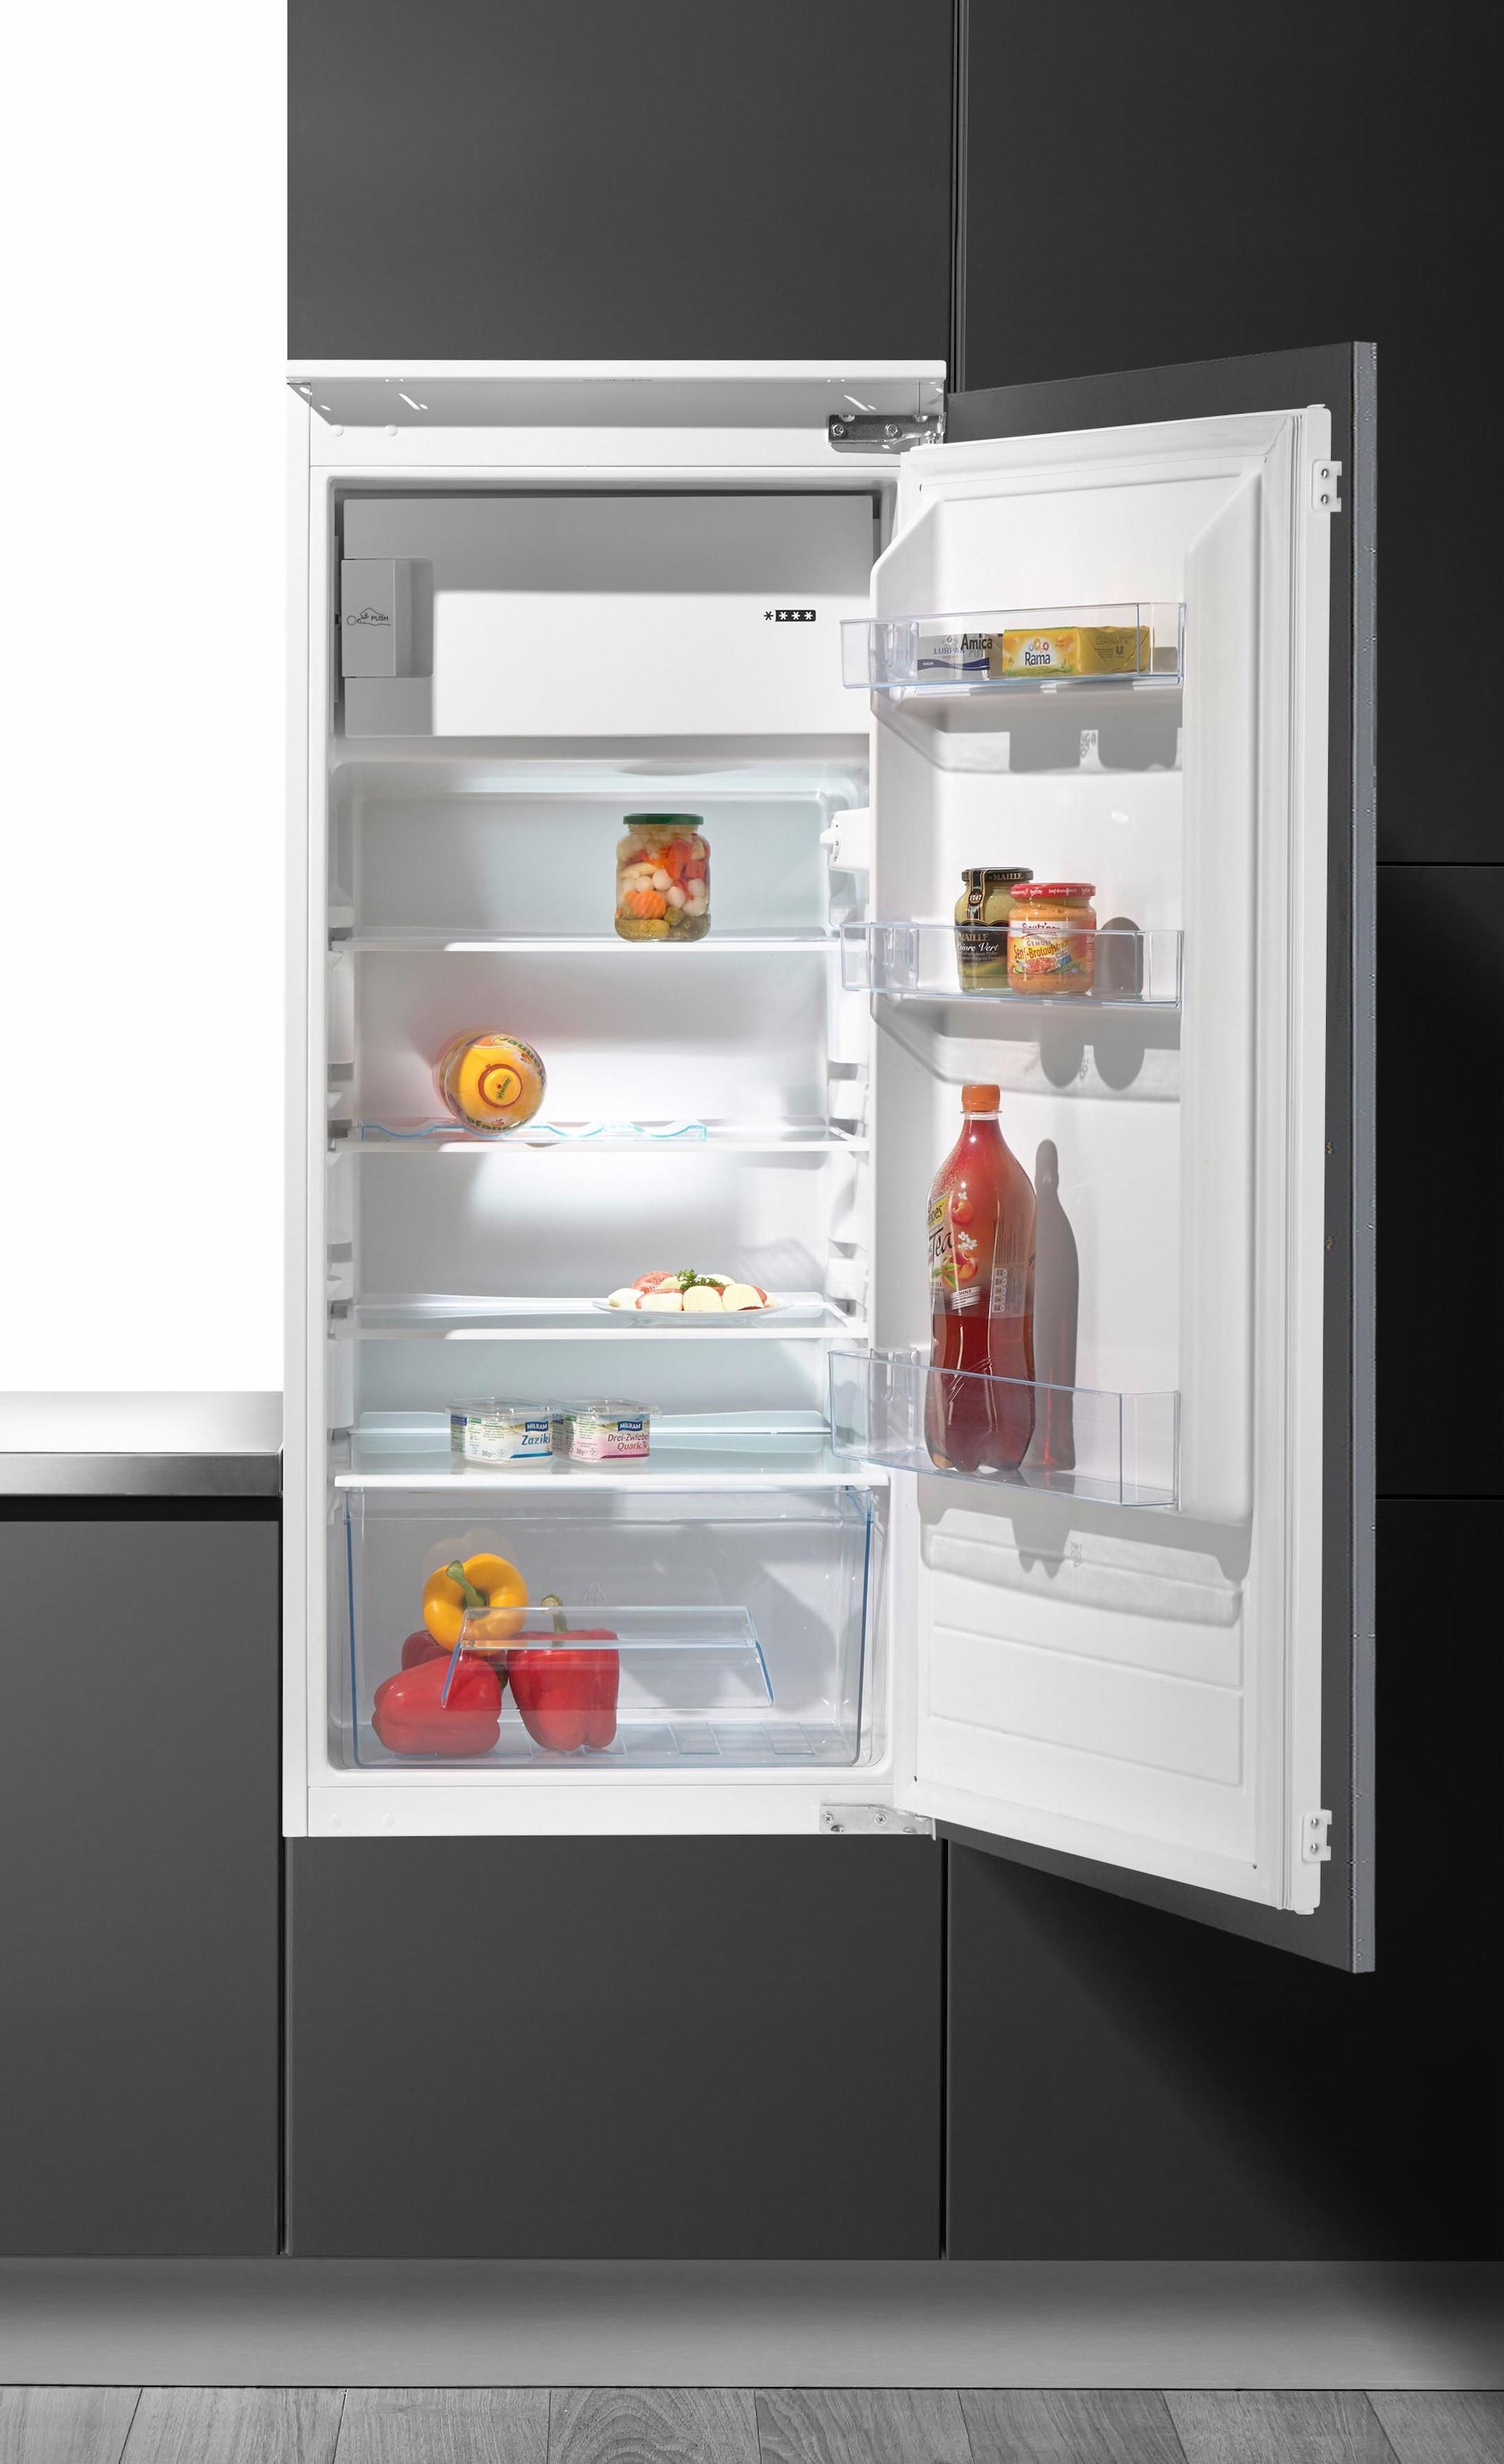 Amica Unterbau Kühlschrank 50 Cm : Amica kühlschrank preisvergleich günstig bei idealo kaufen